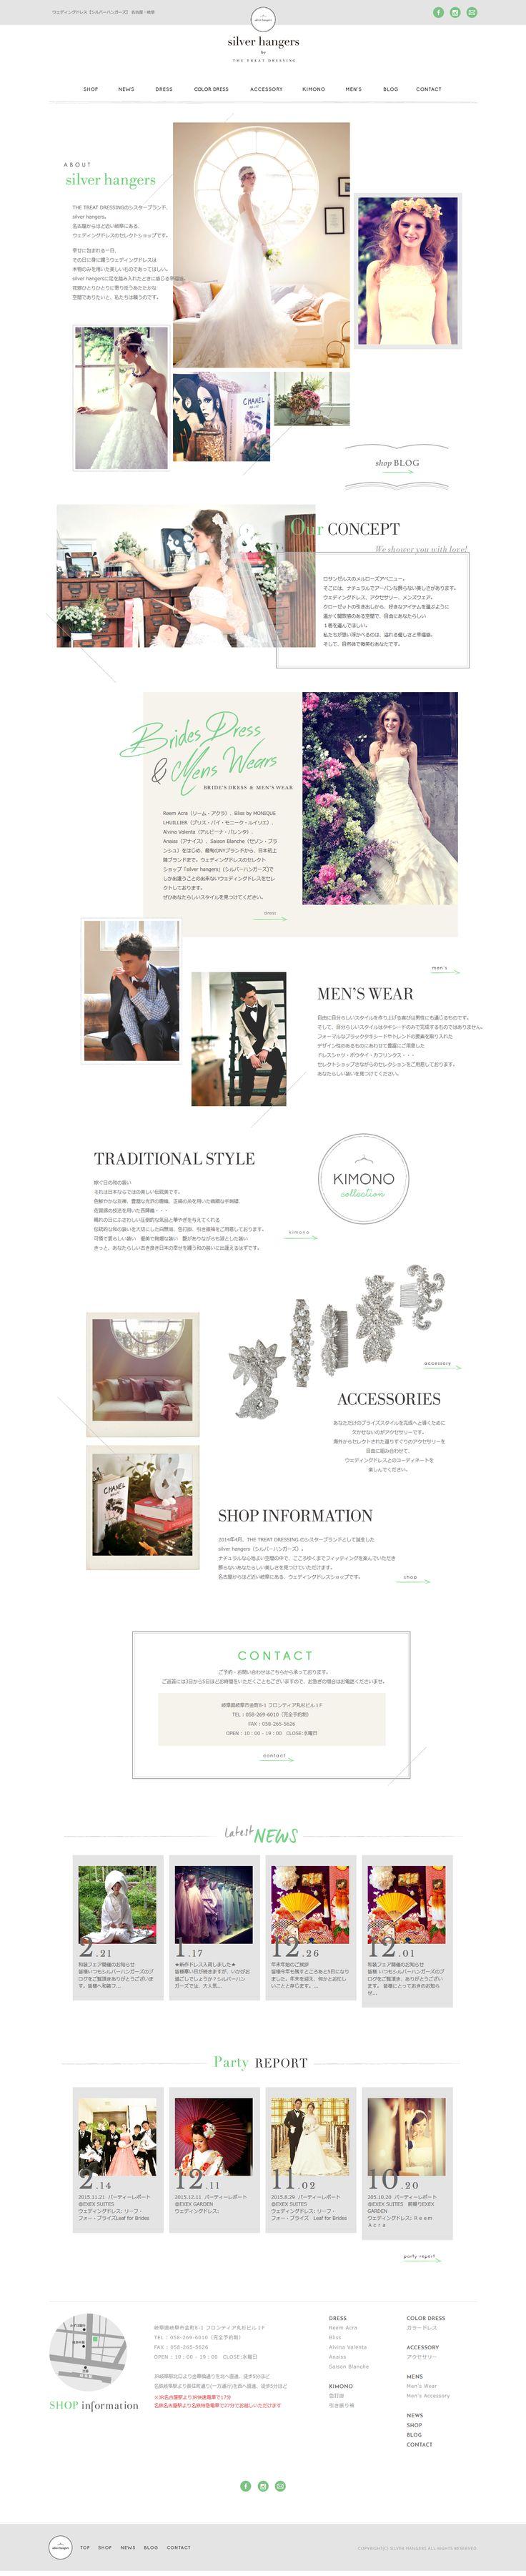 www.silverhangers.jp